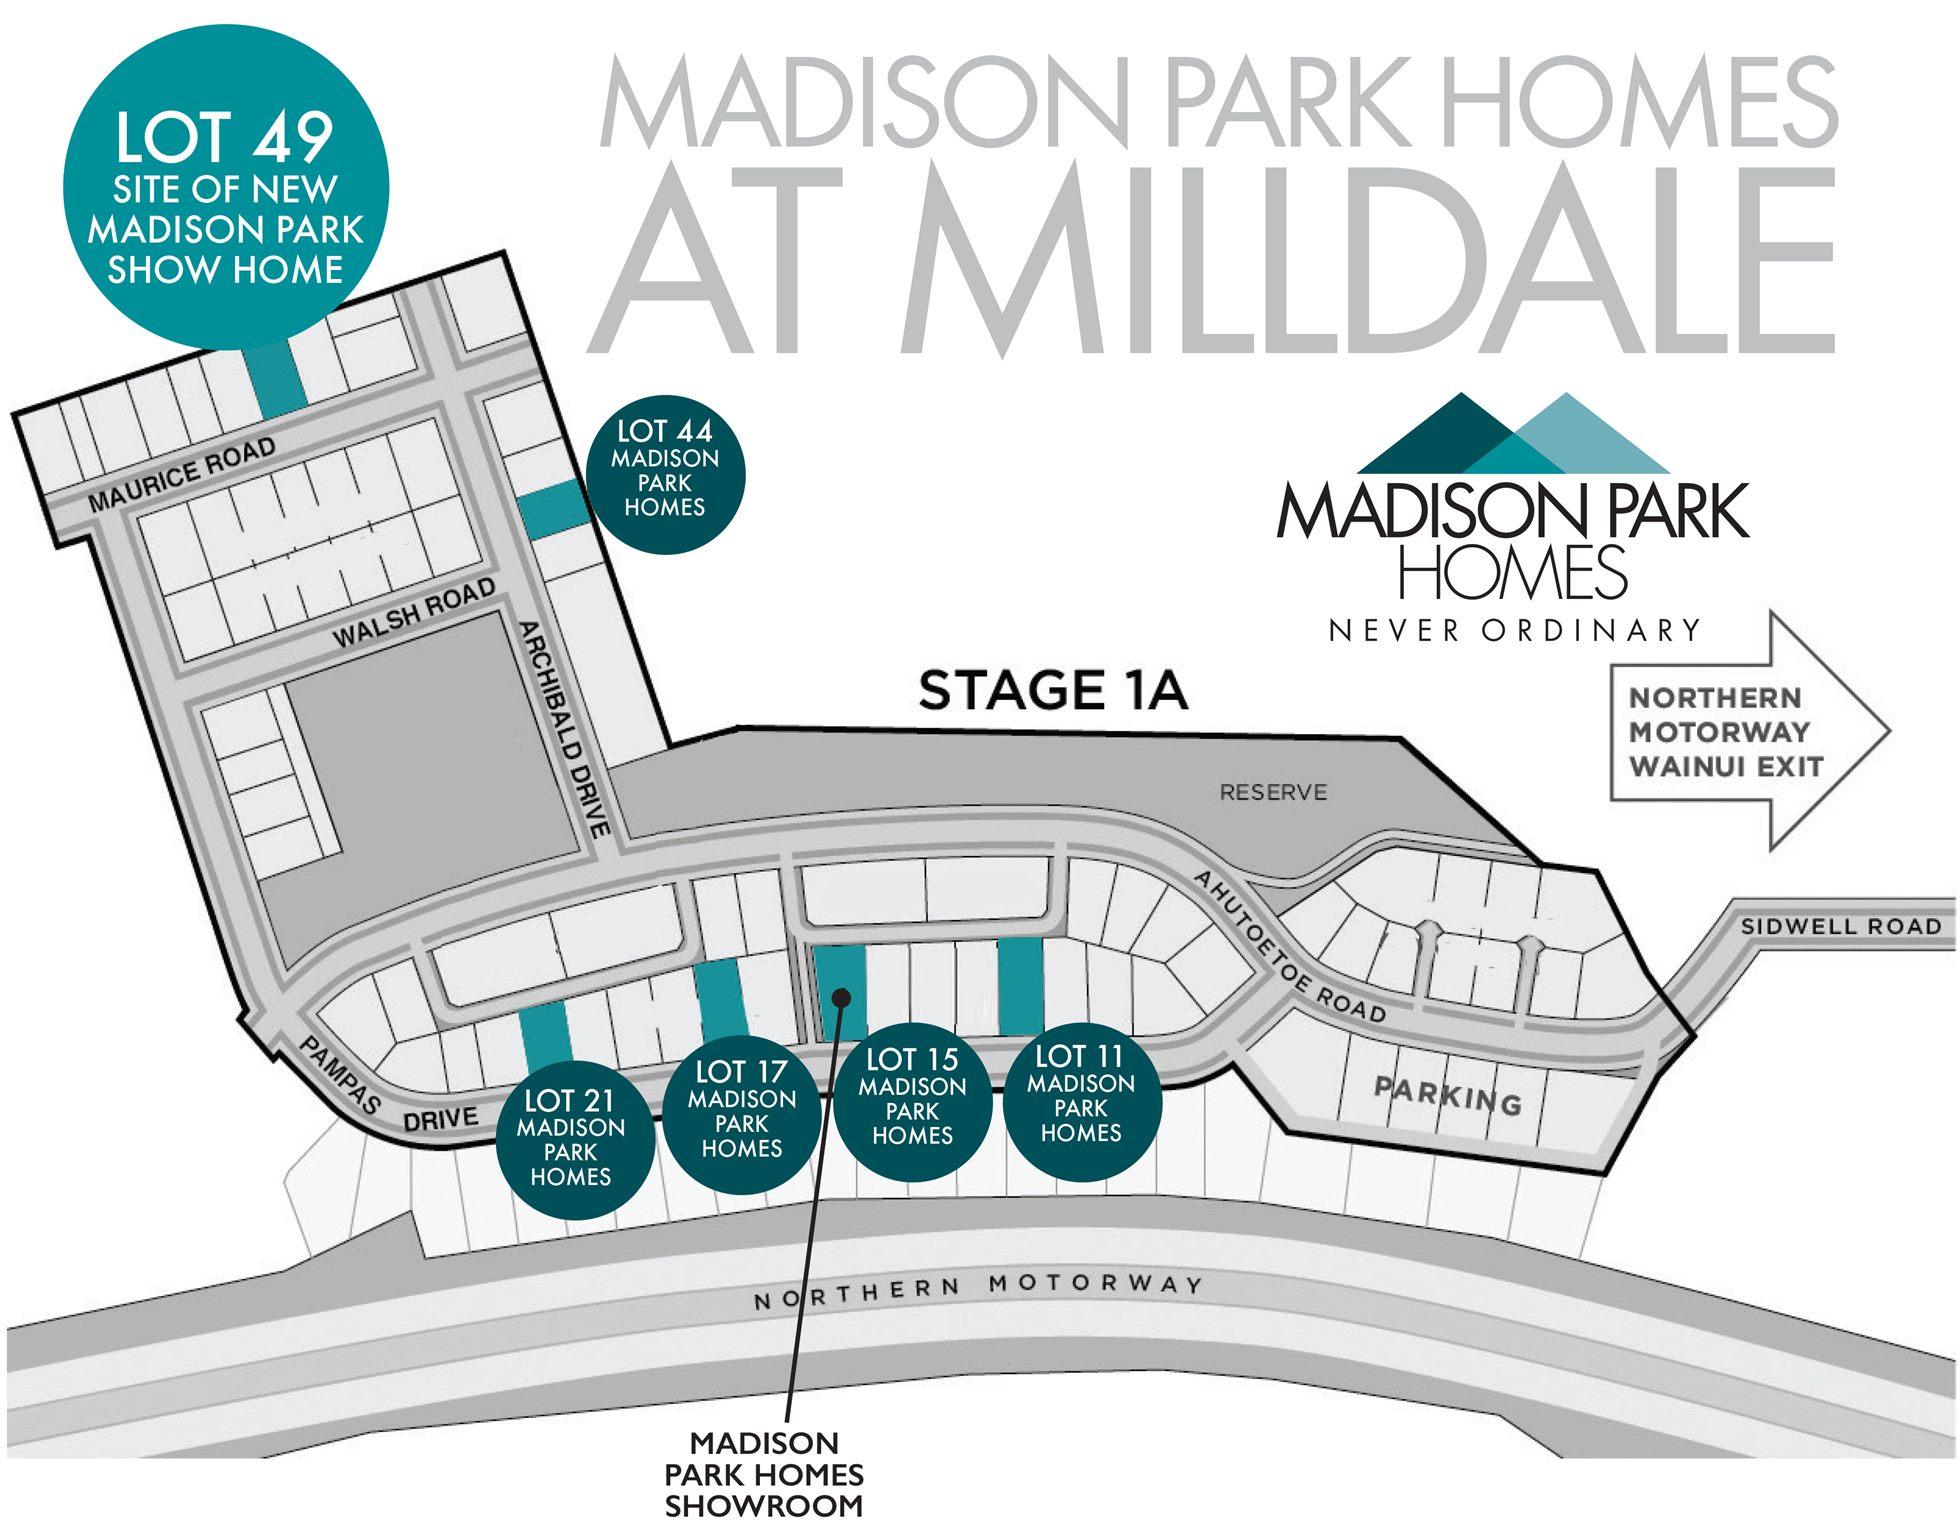 Lot 11 - Milldale